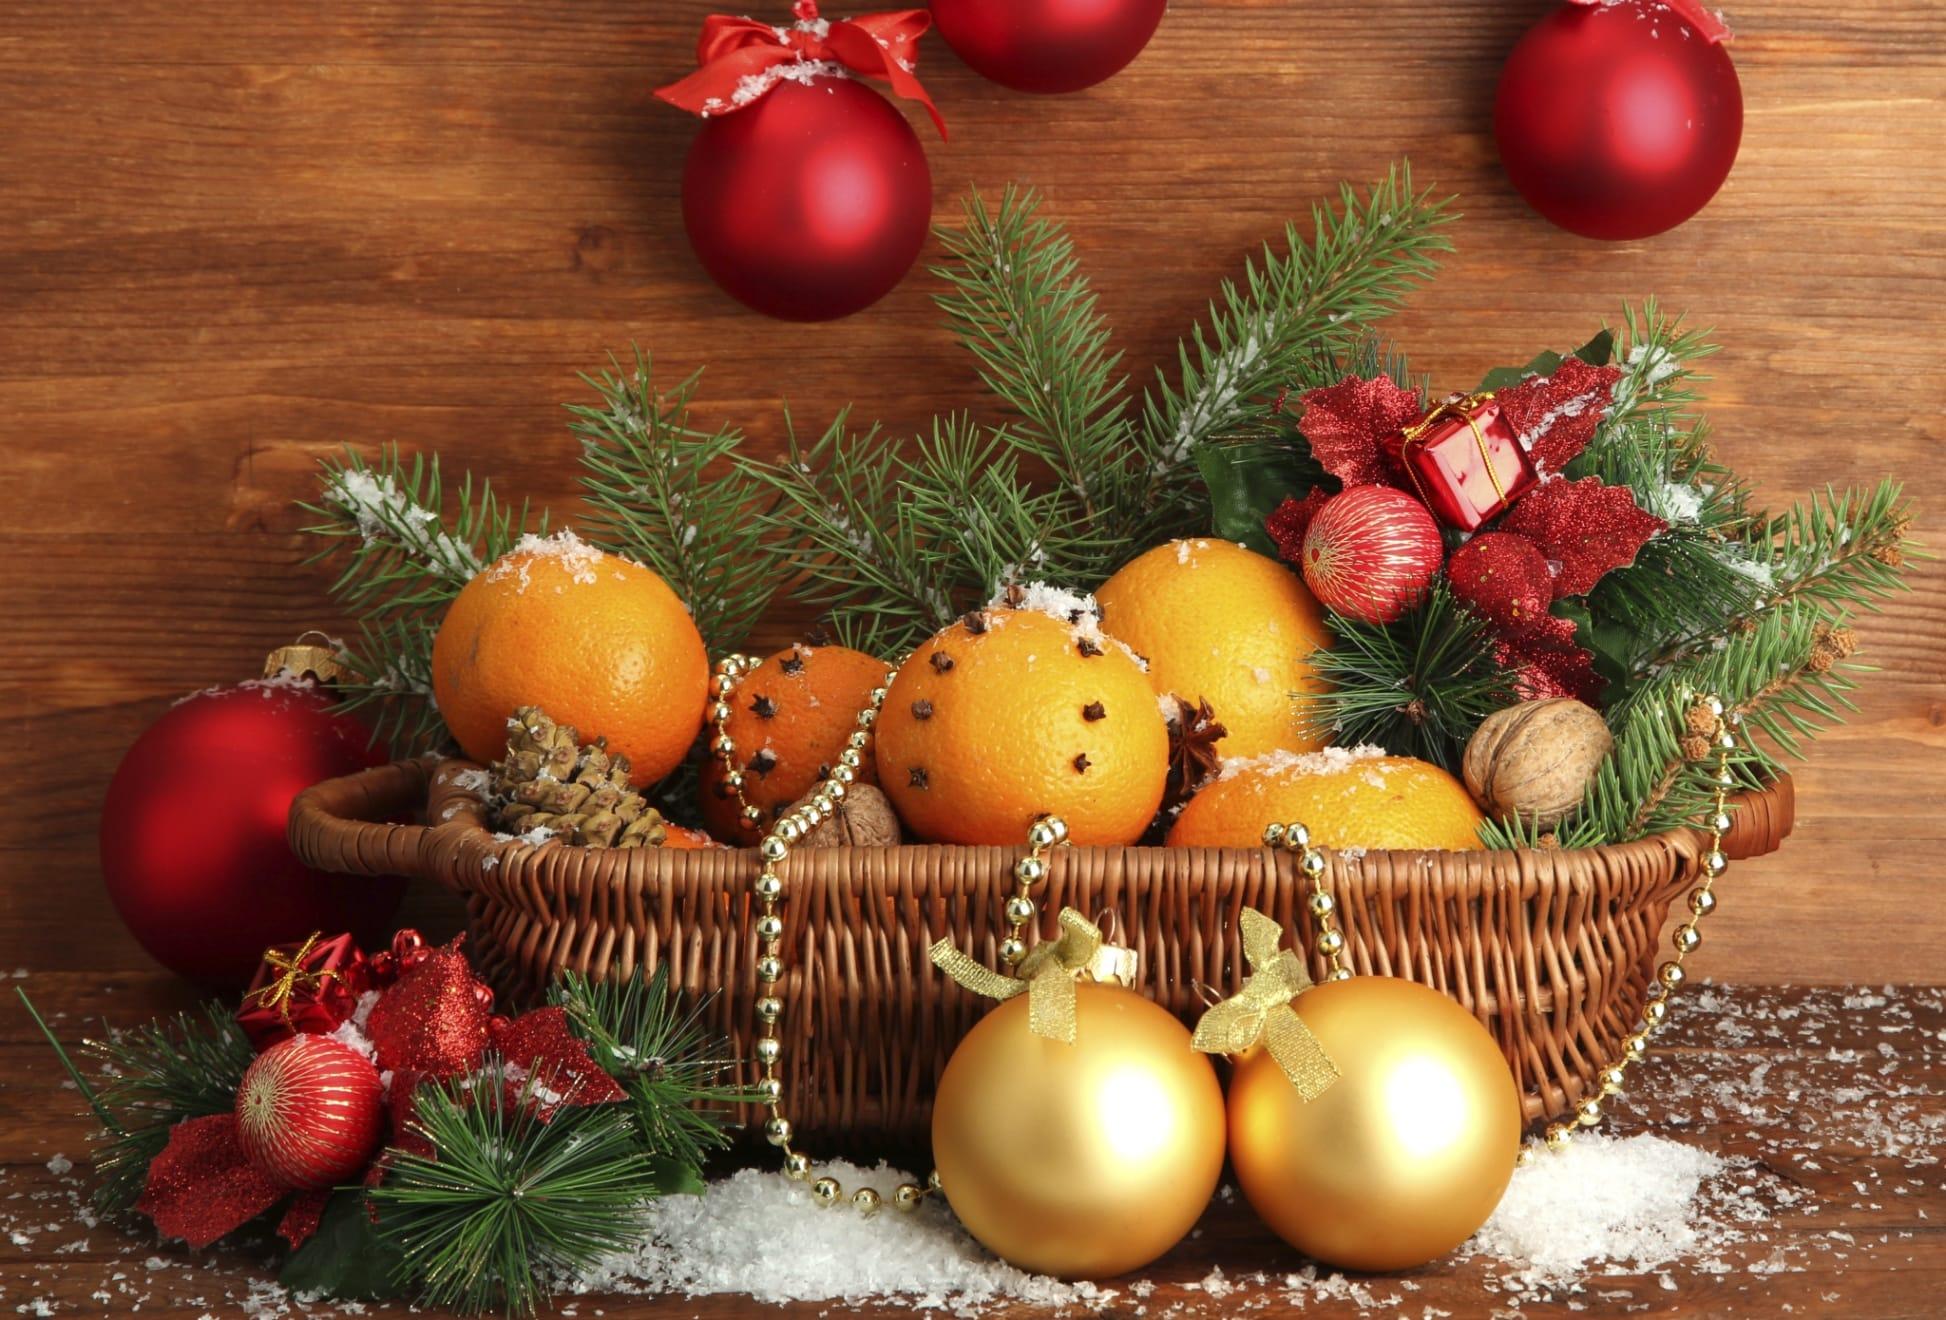 Decorazioni Natalizie Con Frutta Secca.Decorazioni Fai Da Te Per Albero Di Natale Foto Non Sprecare